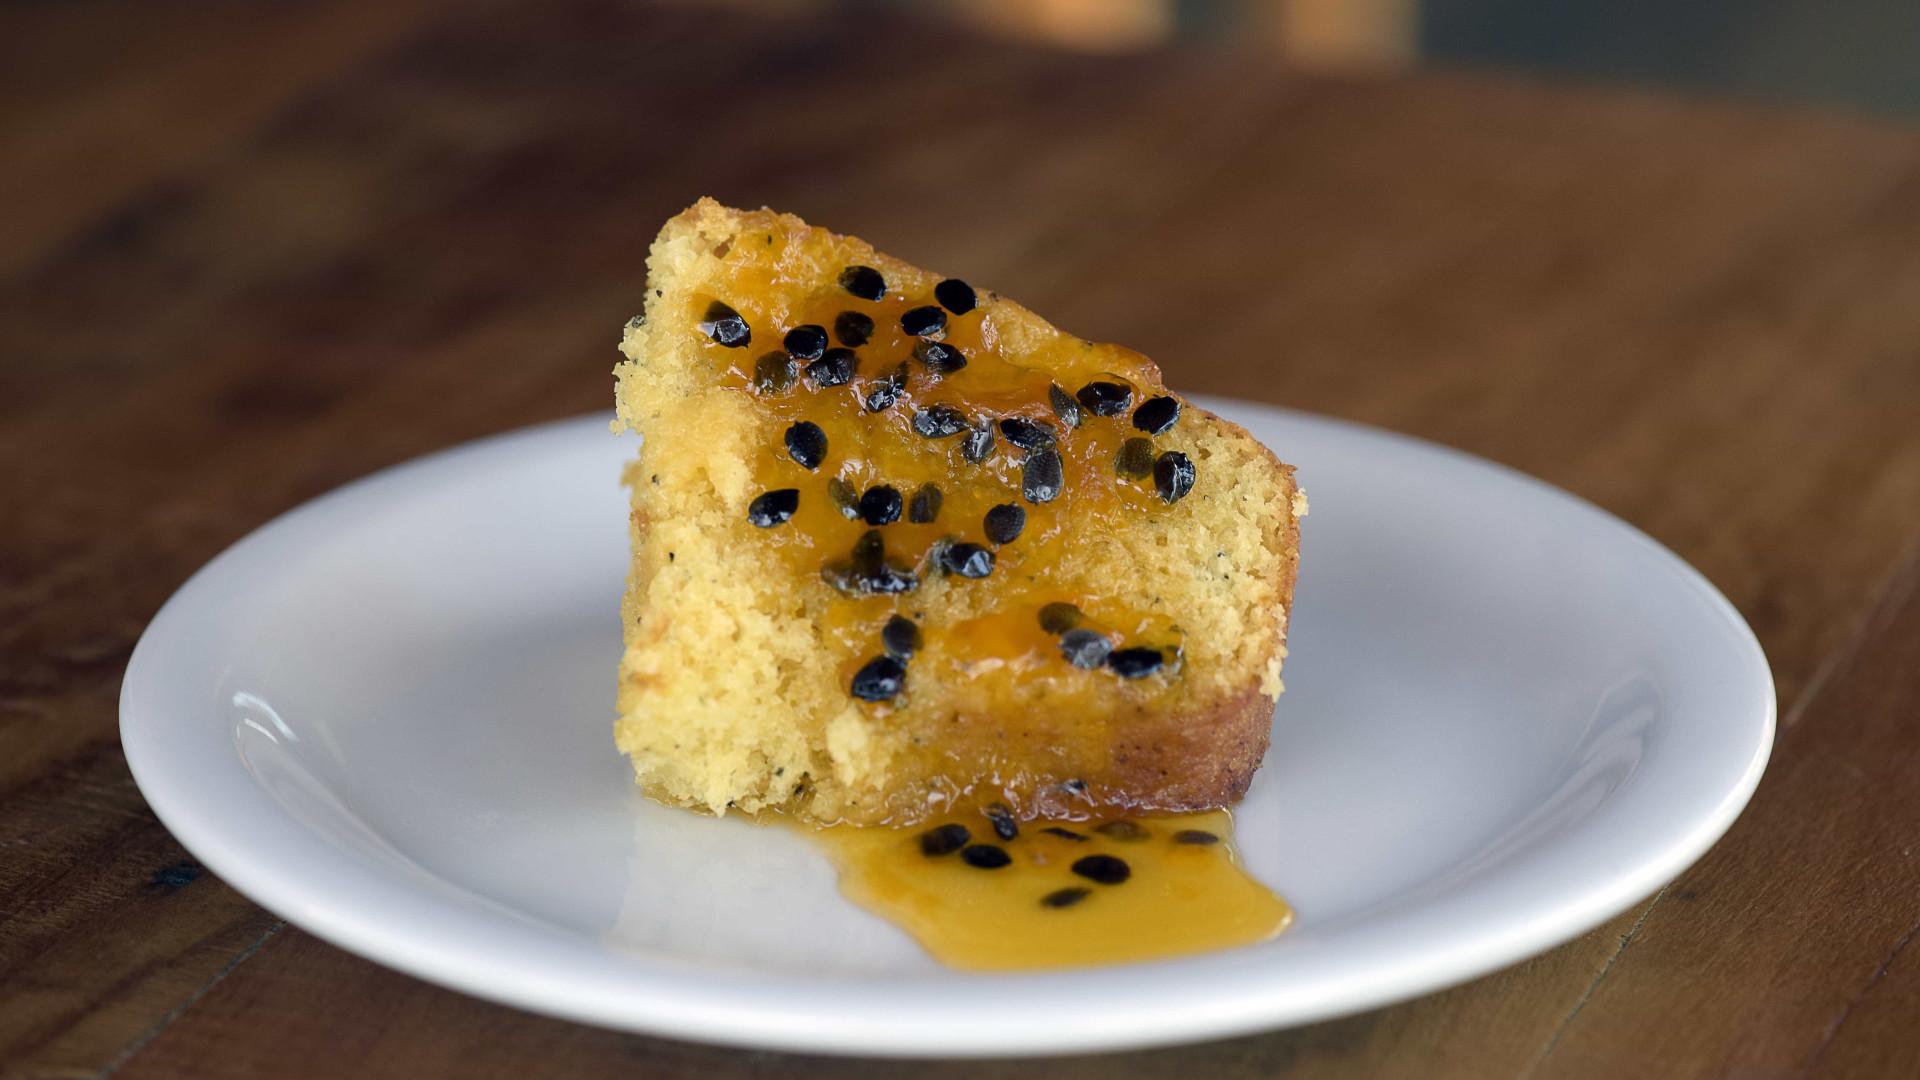 Aprenda receita de bolo de maracujá para receber as visitas em casa